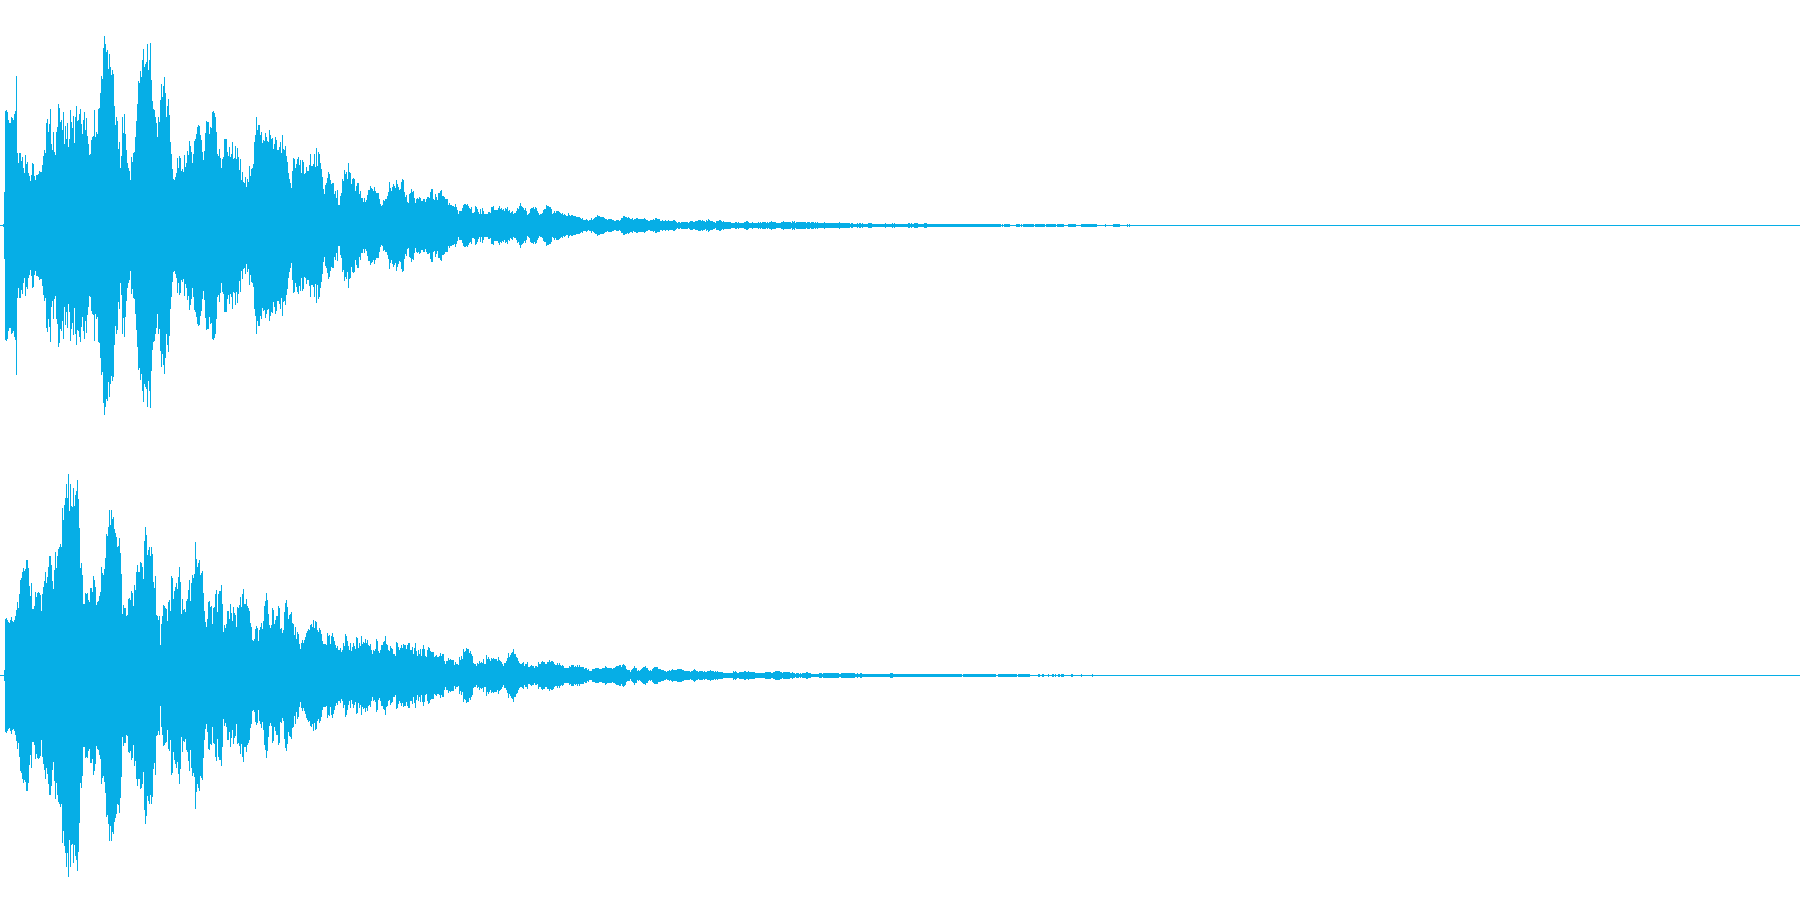 ゲームスタート、決定、ボタン音-054の再生済みの波形